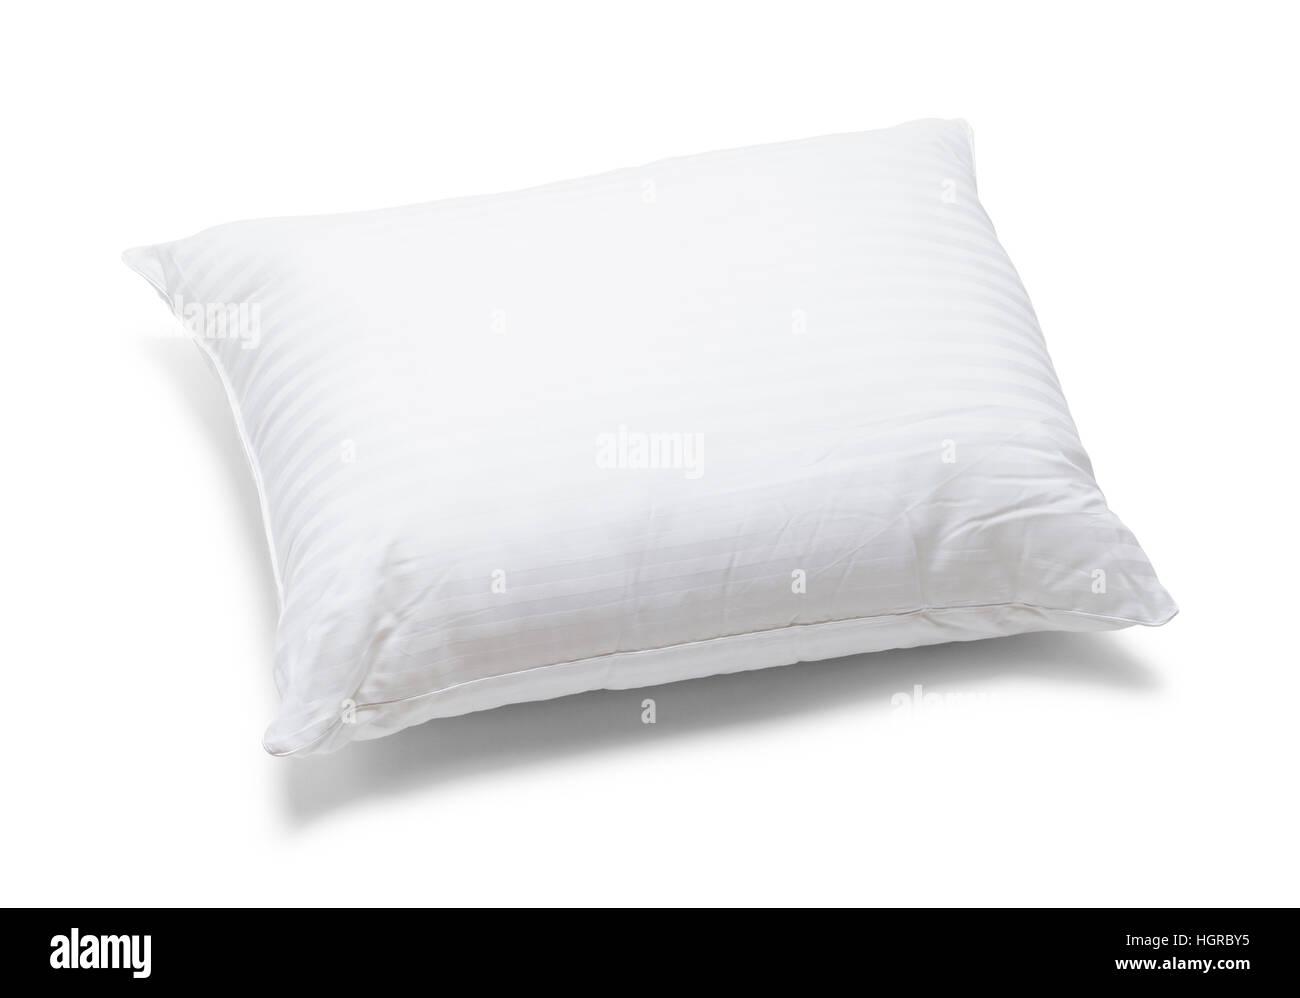 Blanco cama mullida almohada aislado sobre fondo blanco. Imagen De Stock